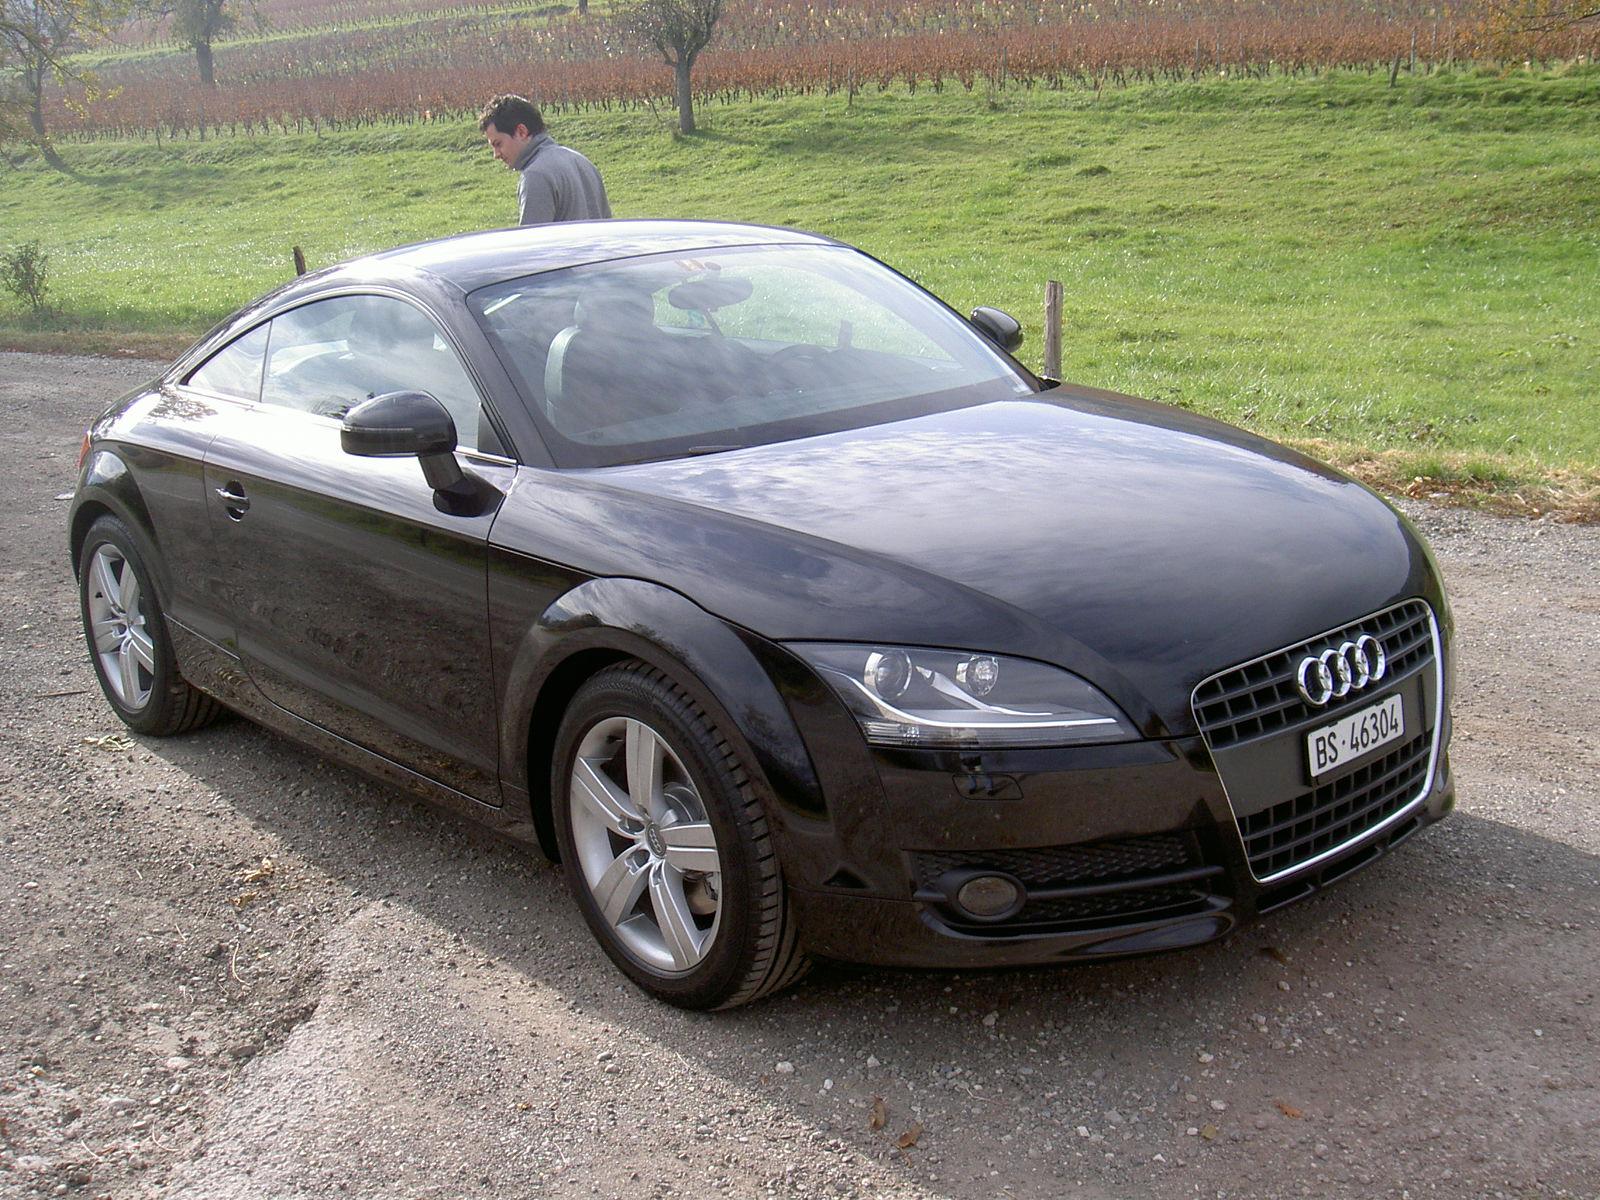 2008 Audi TT - Other Pictures - CarGurus